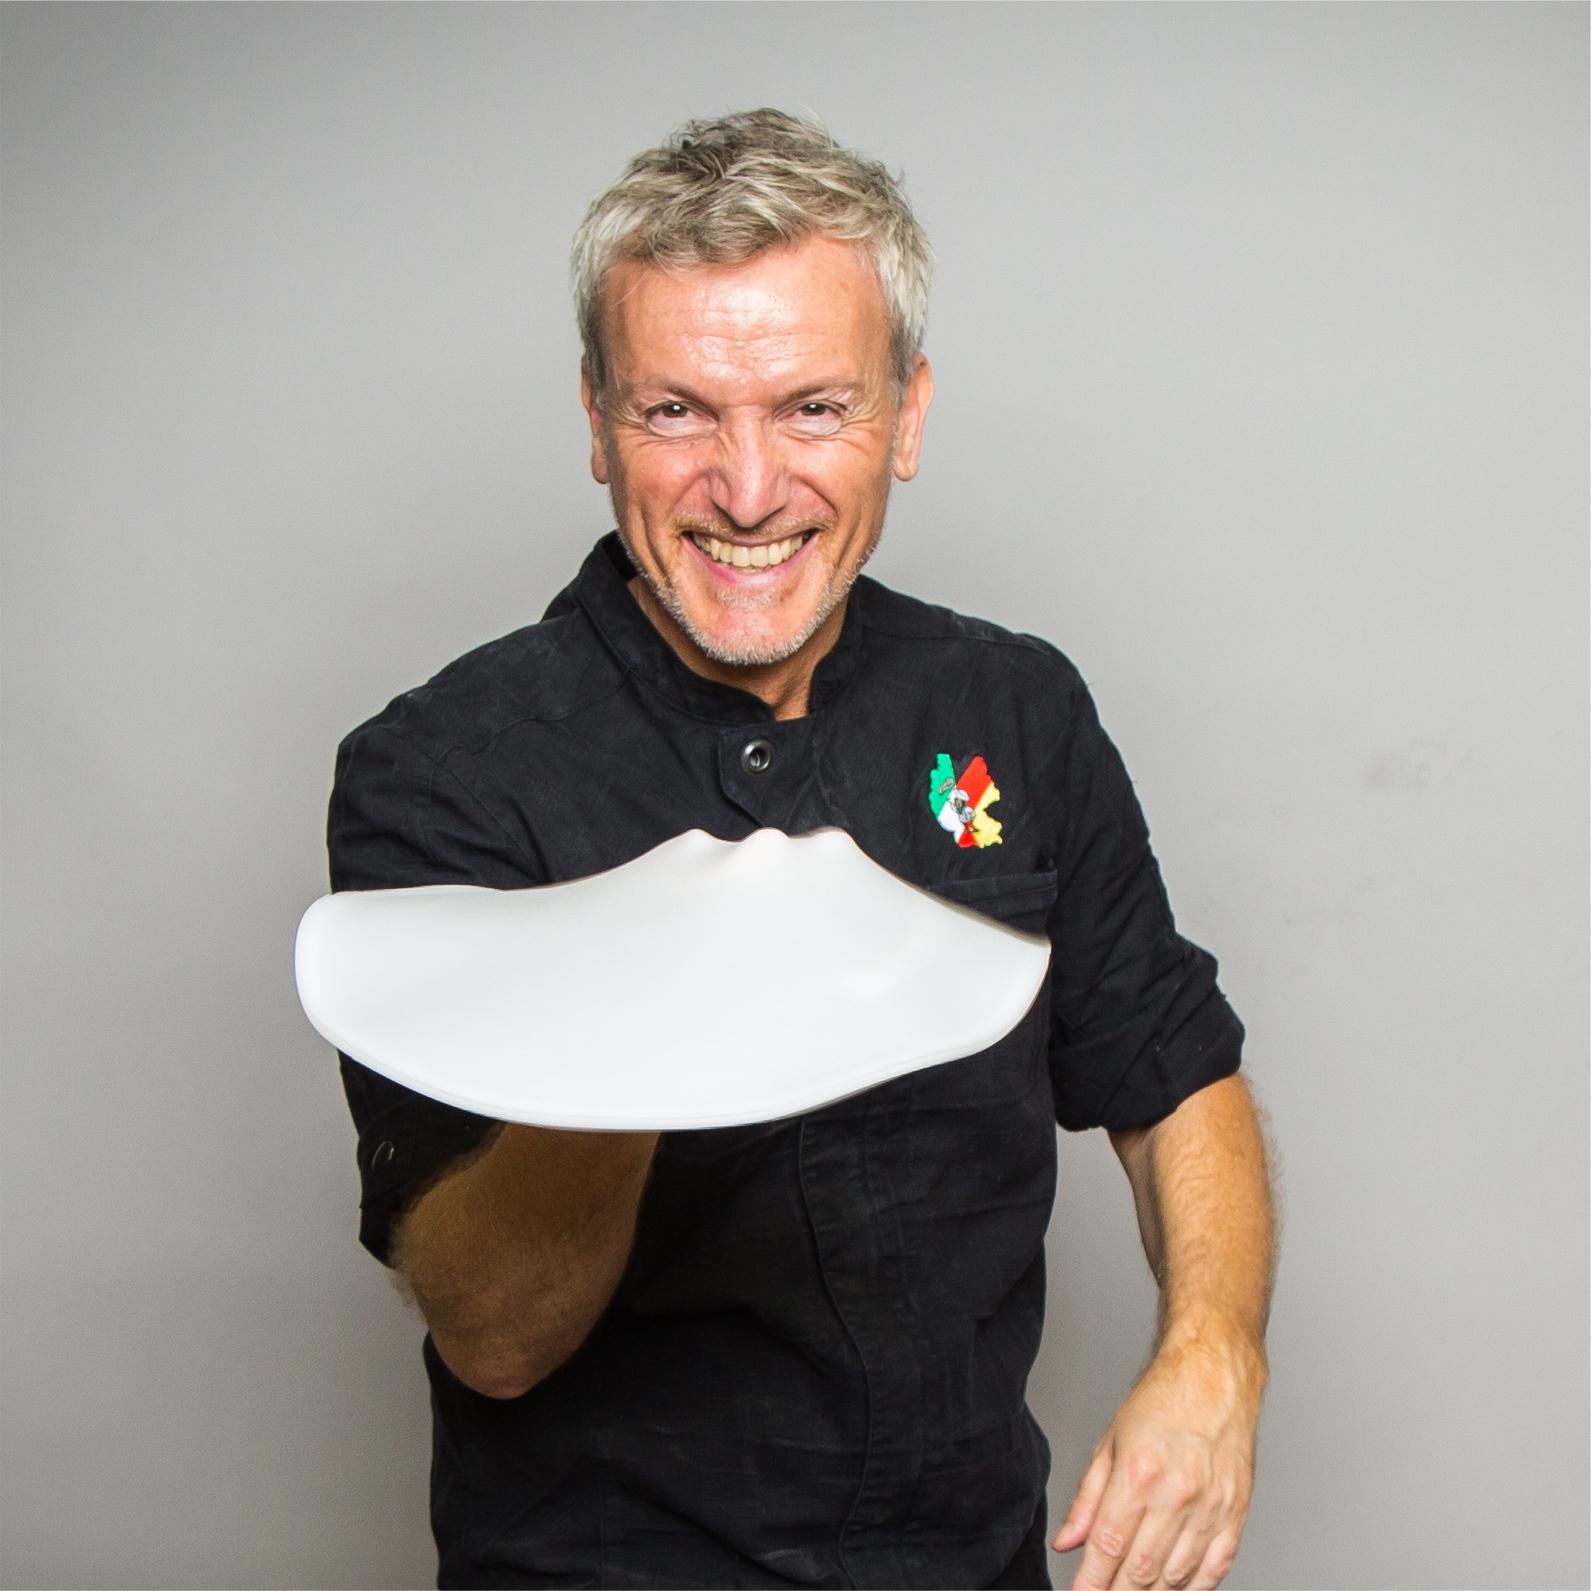 Pizza Akrobatik höchstpersönlich – Umberto Napolitano